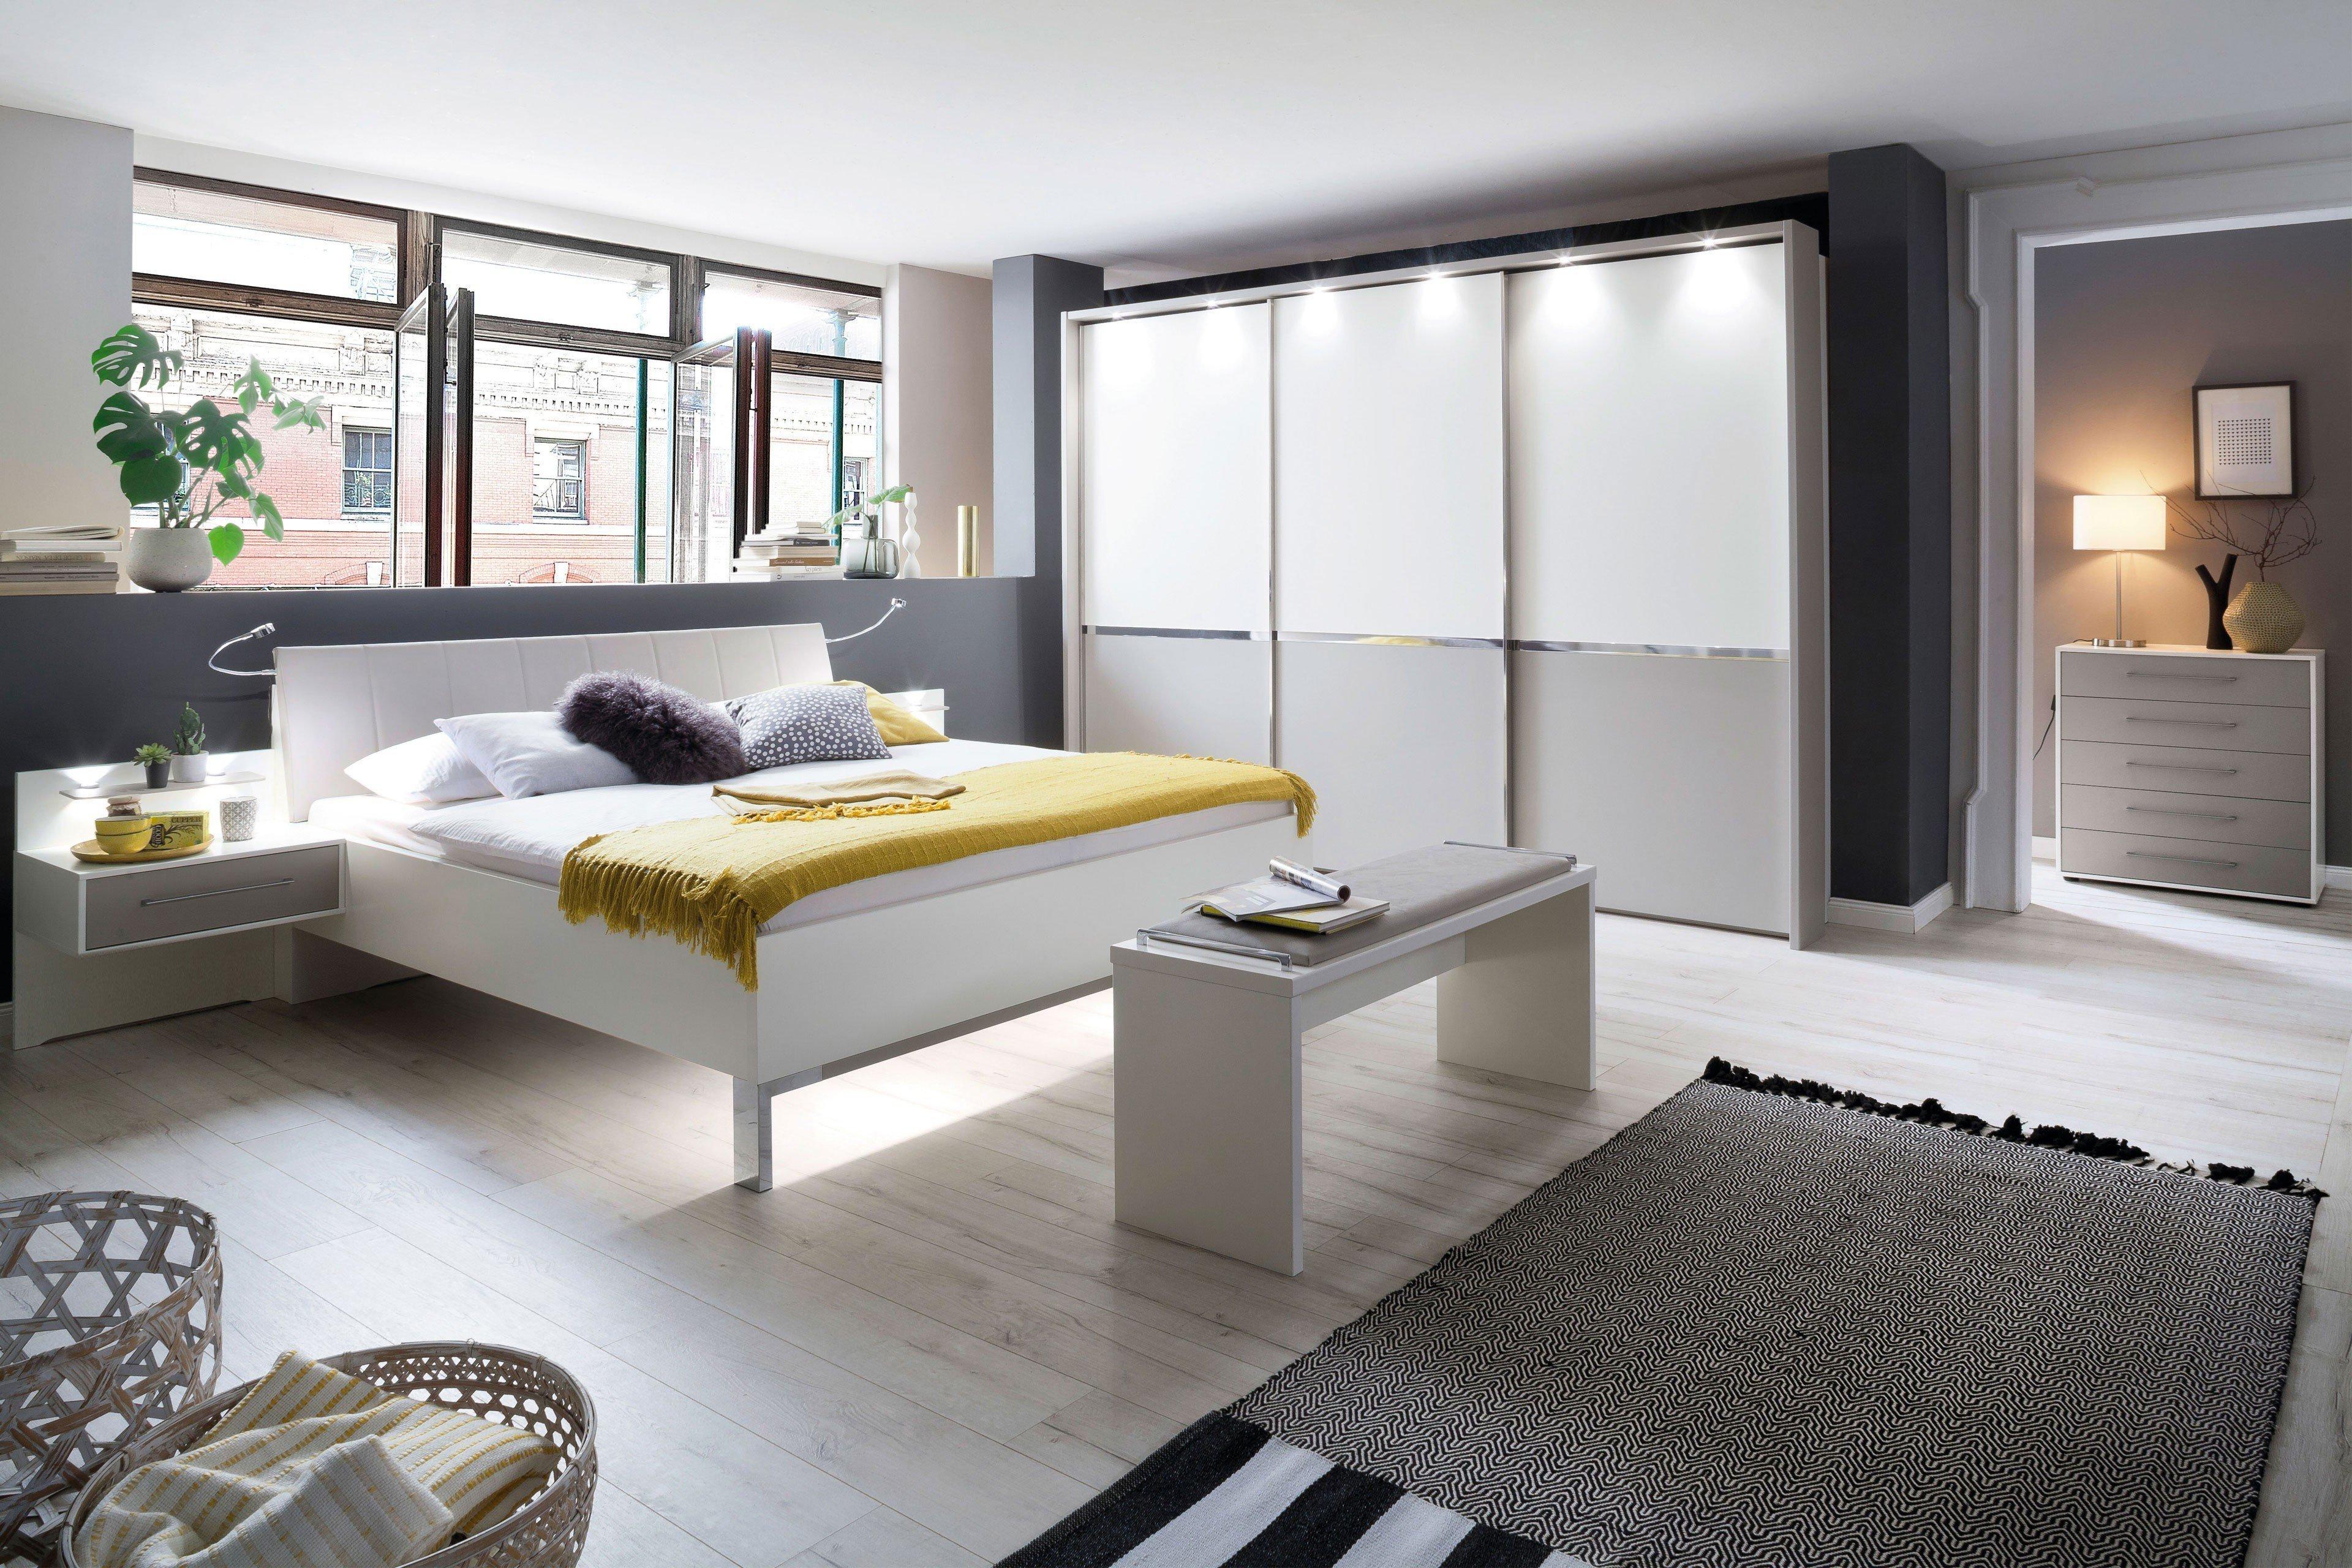 Wiemann Schlafzimmer-Set Alaska weiß - kieselgrau | Möbel Letz - Ihr ...